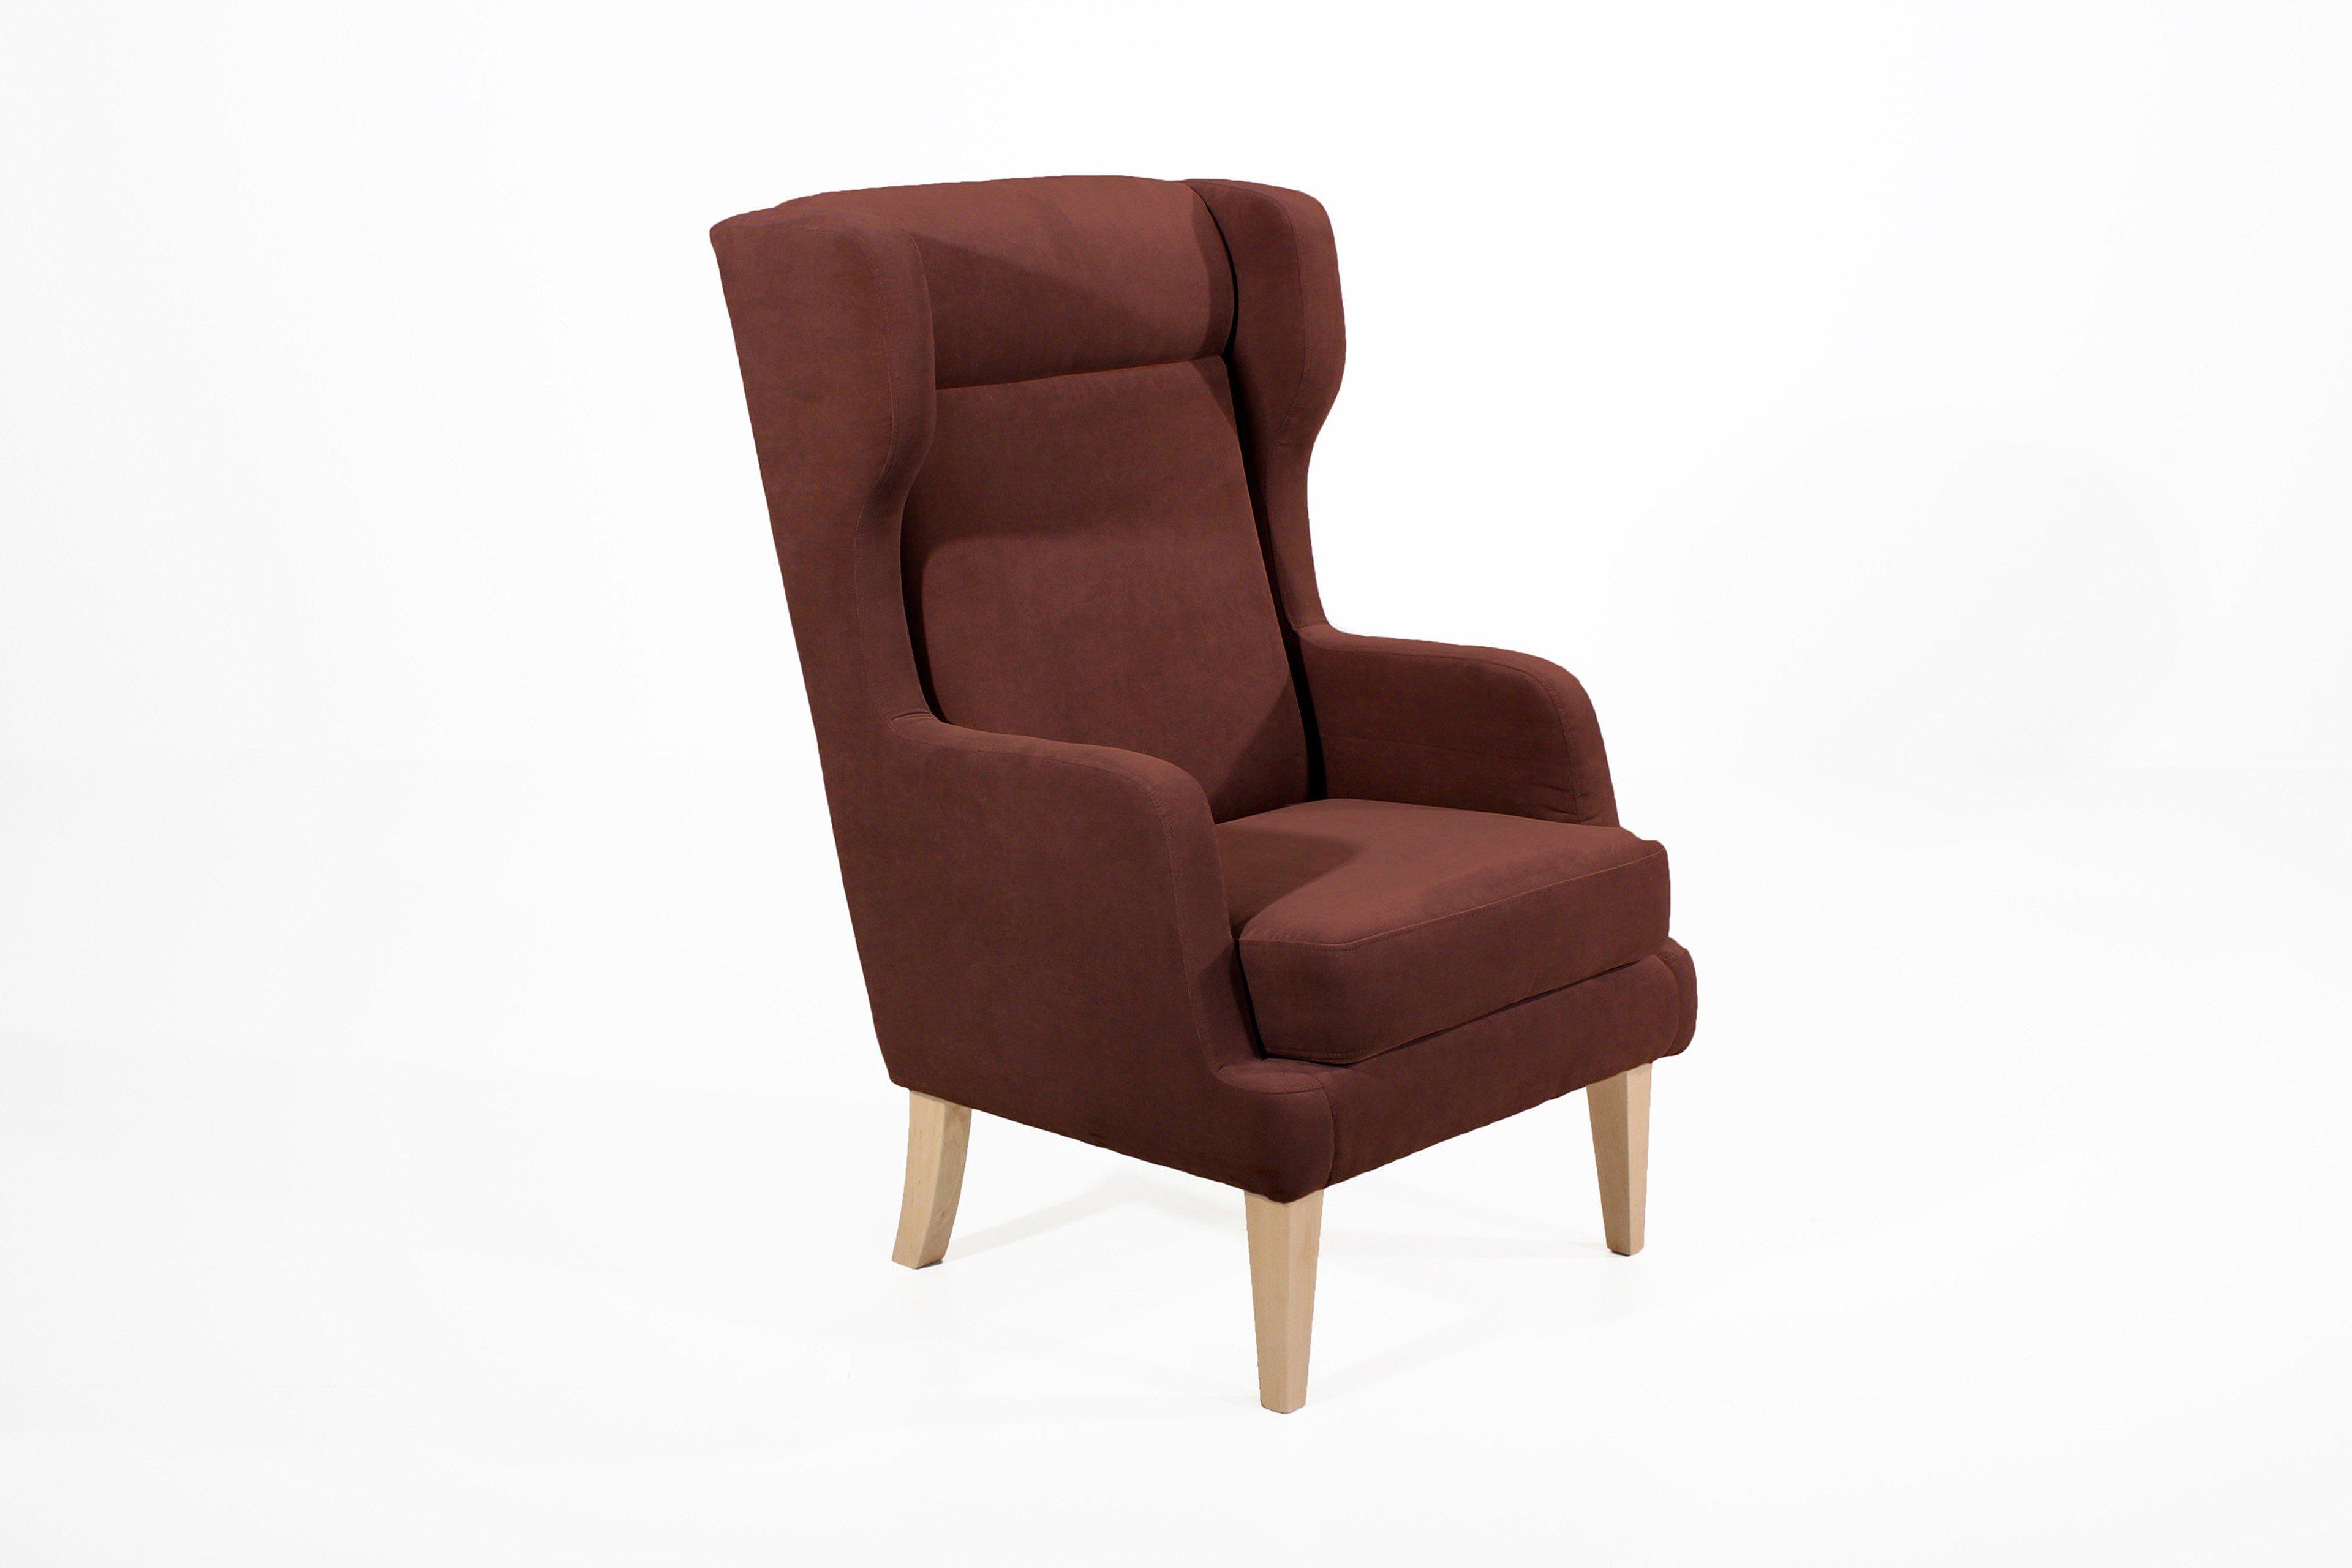 mbel braun angebote wmf gewrzmhlen profiselect trend bei mbel braun lokal singen reutlingen. Black Bedroom Furniture Sets. Home Design Ideas